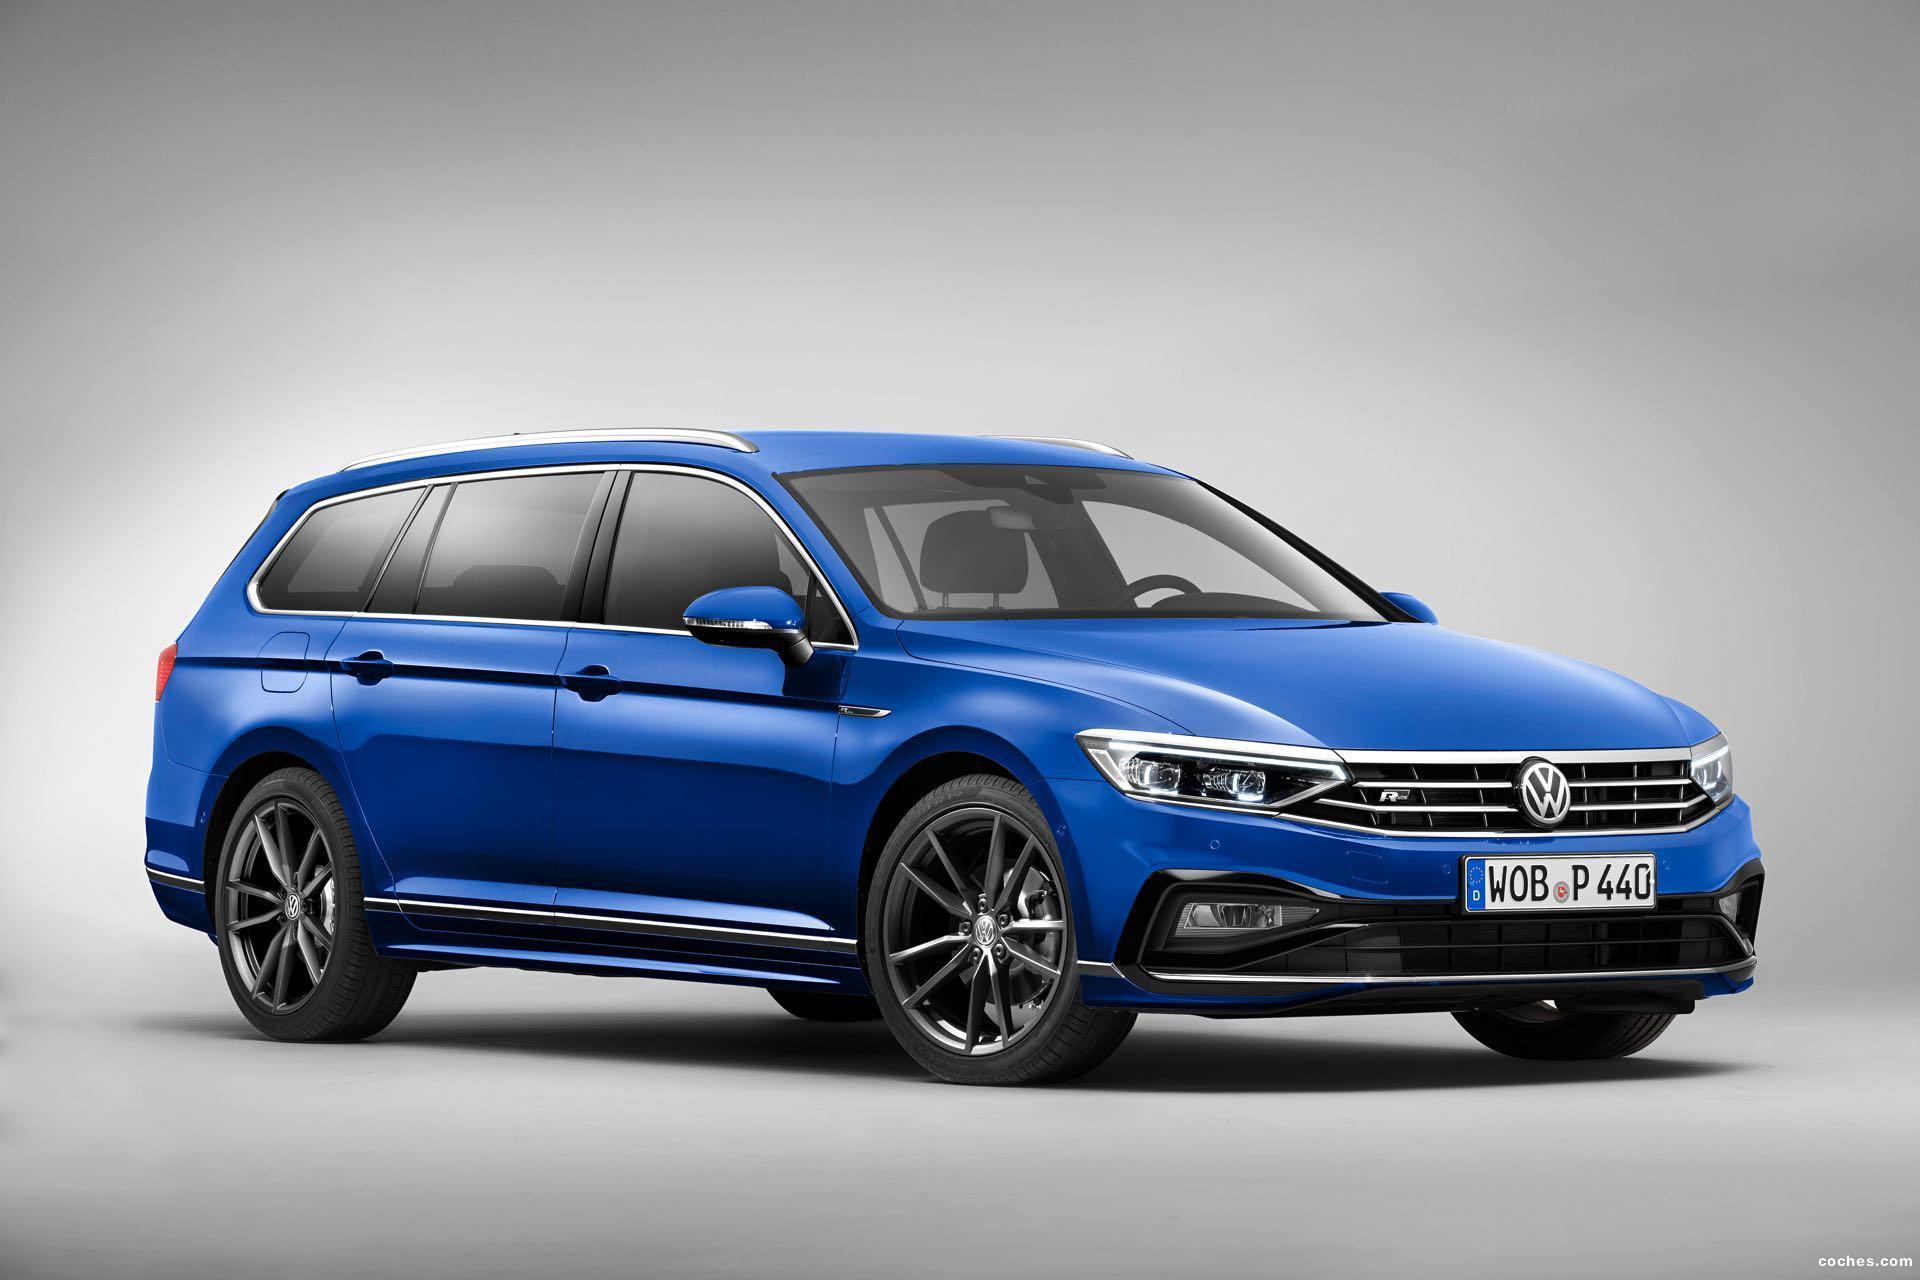 Foto 13 de Volkswagen Passat Variant R-Line 2019